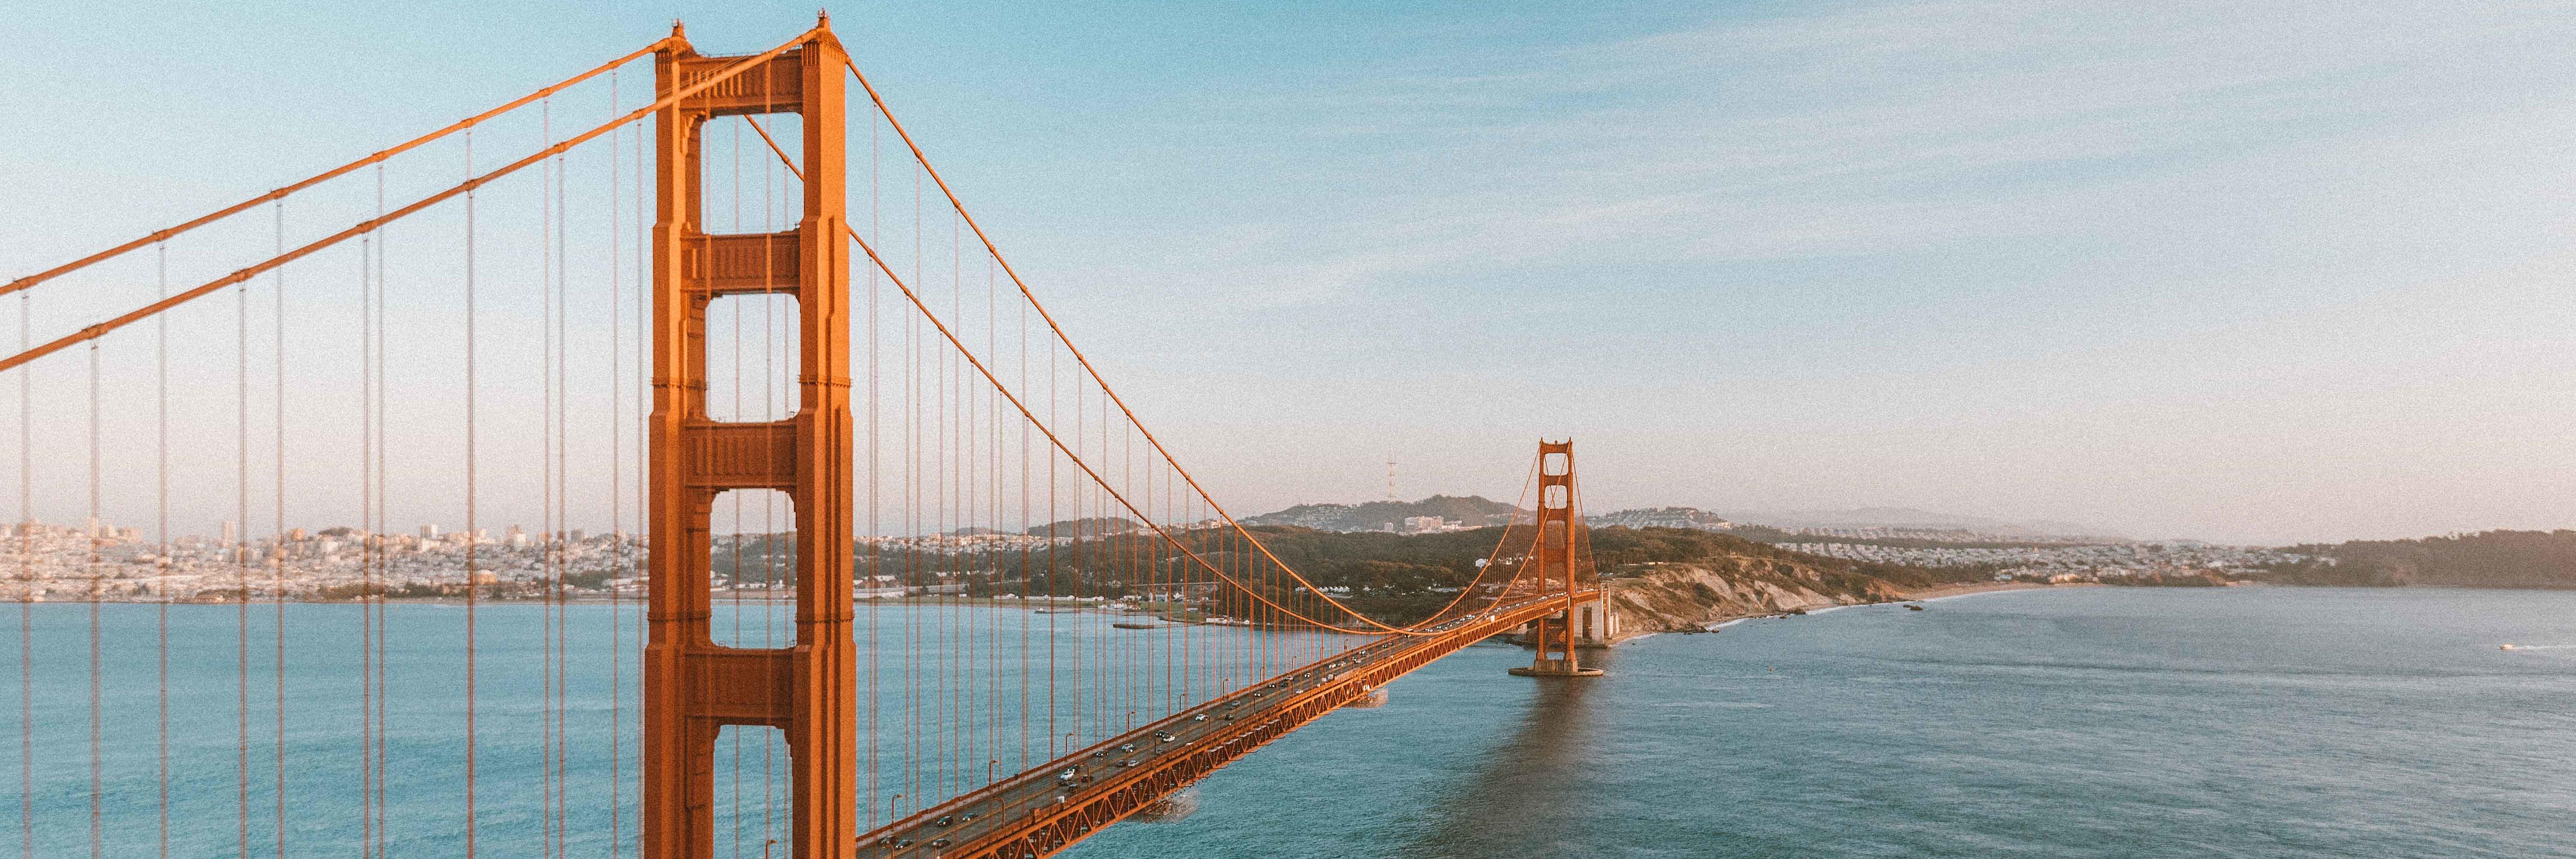 旧金山,现实版盗梦空间,虽匆匆掠过却已深爱